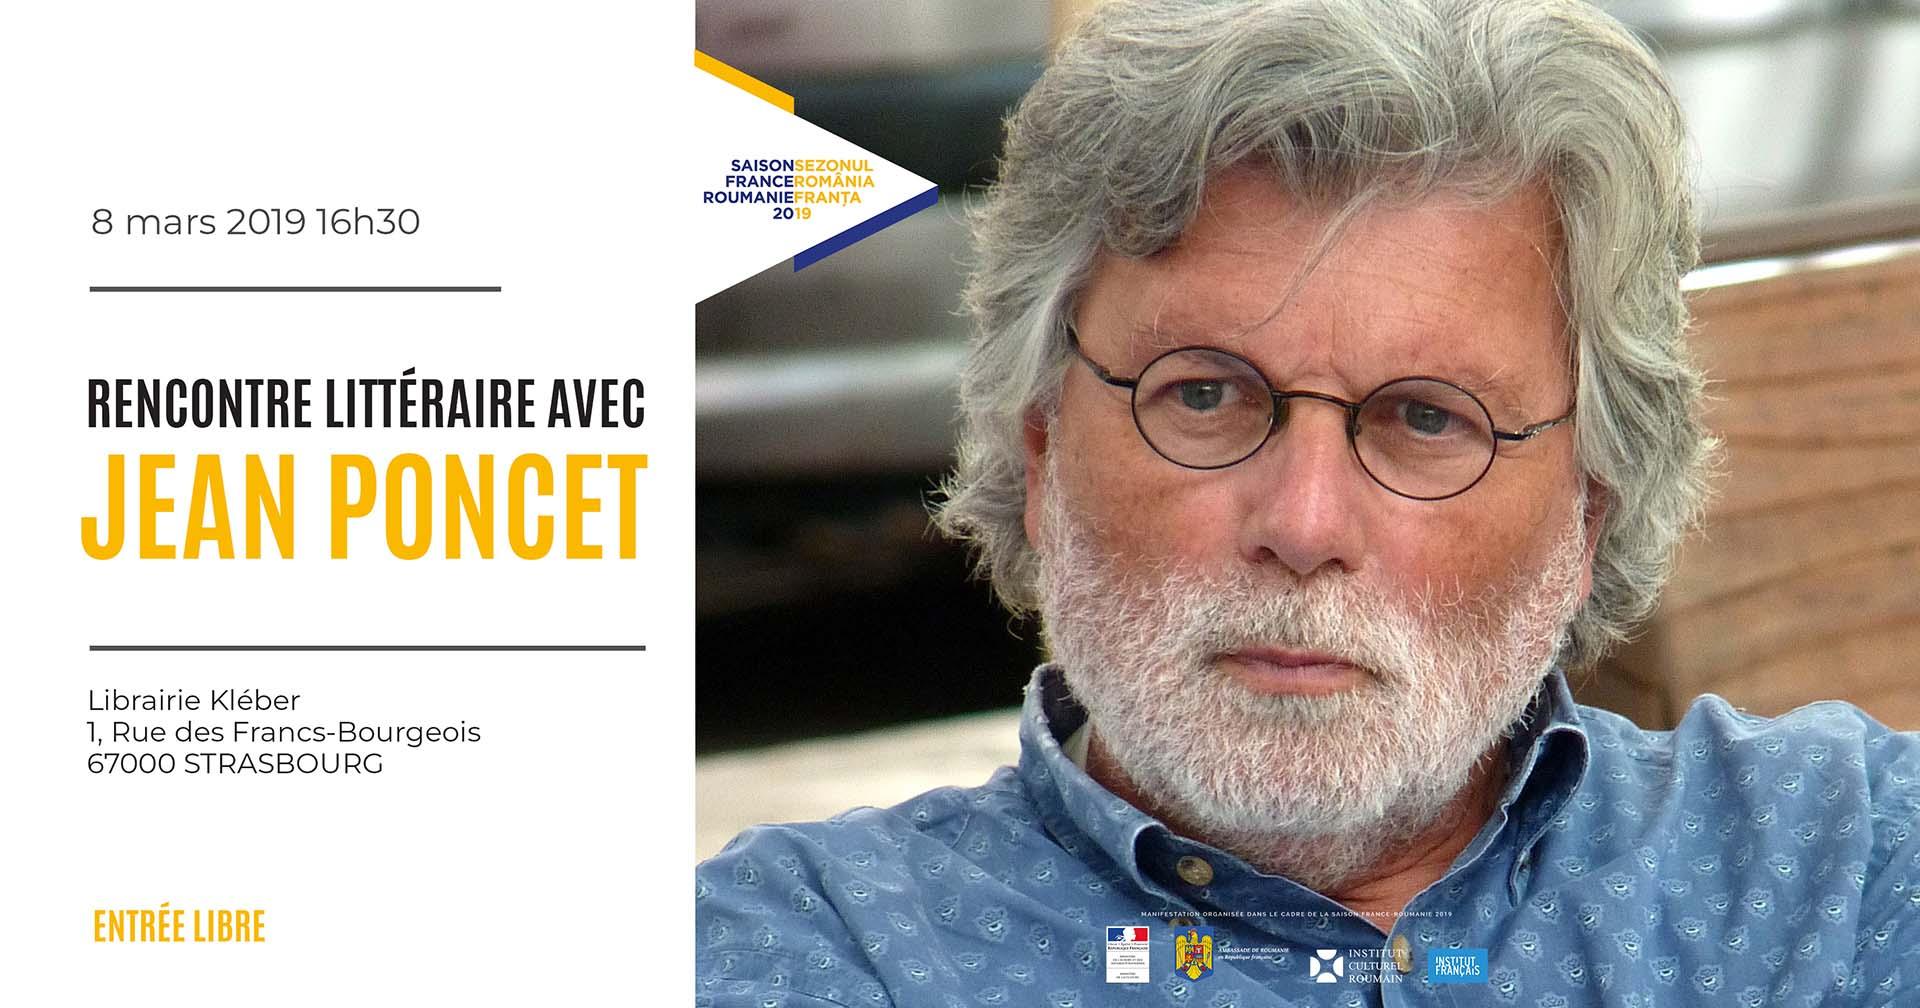 Rencontre littéraire avec Jean Poncet Strasbourg